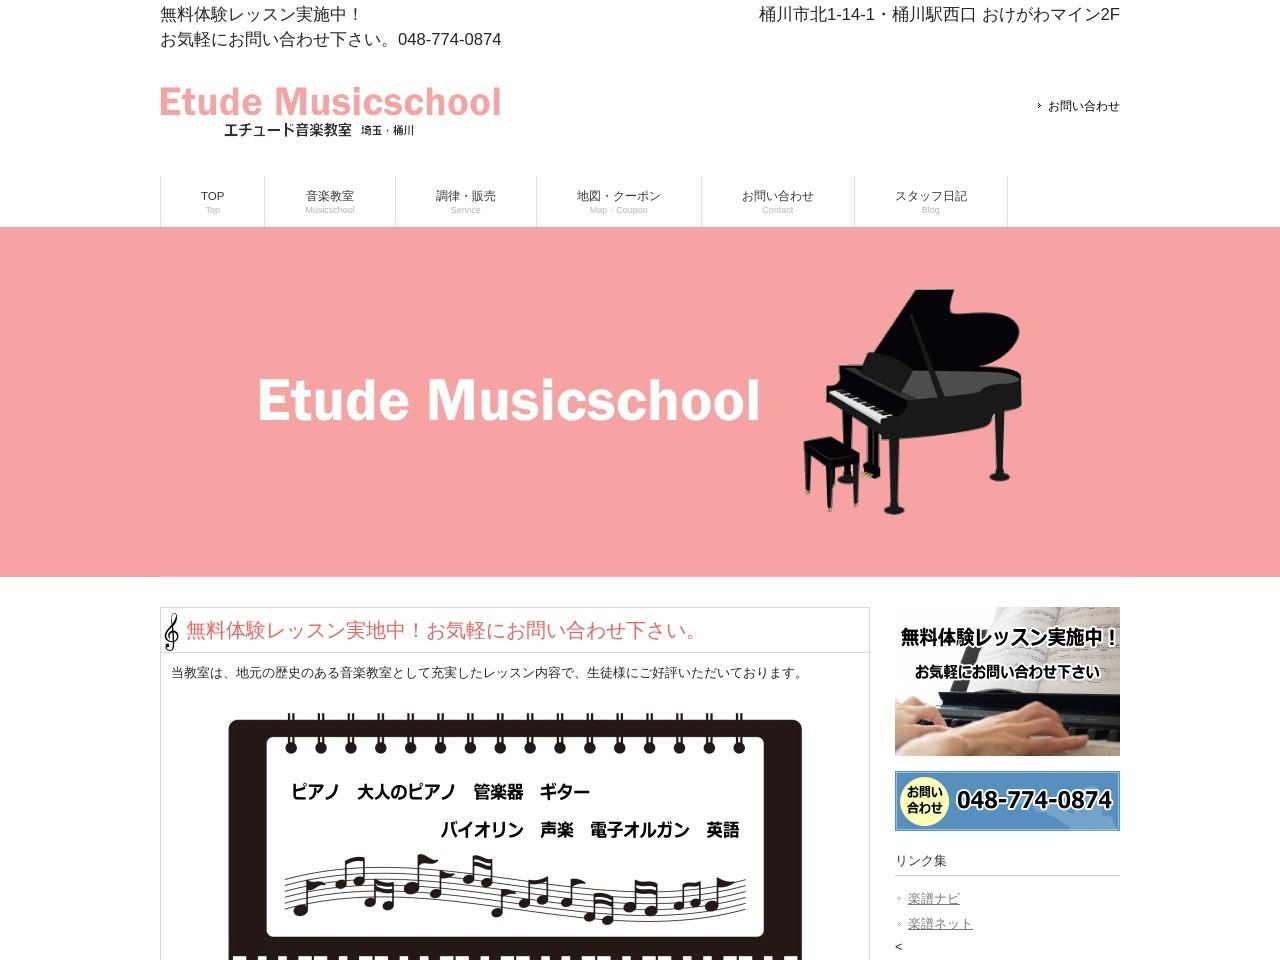 エチュード音楽教室(市内2教室)のサムネイル